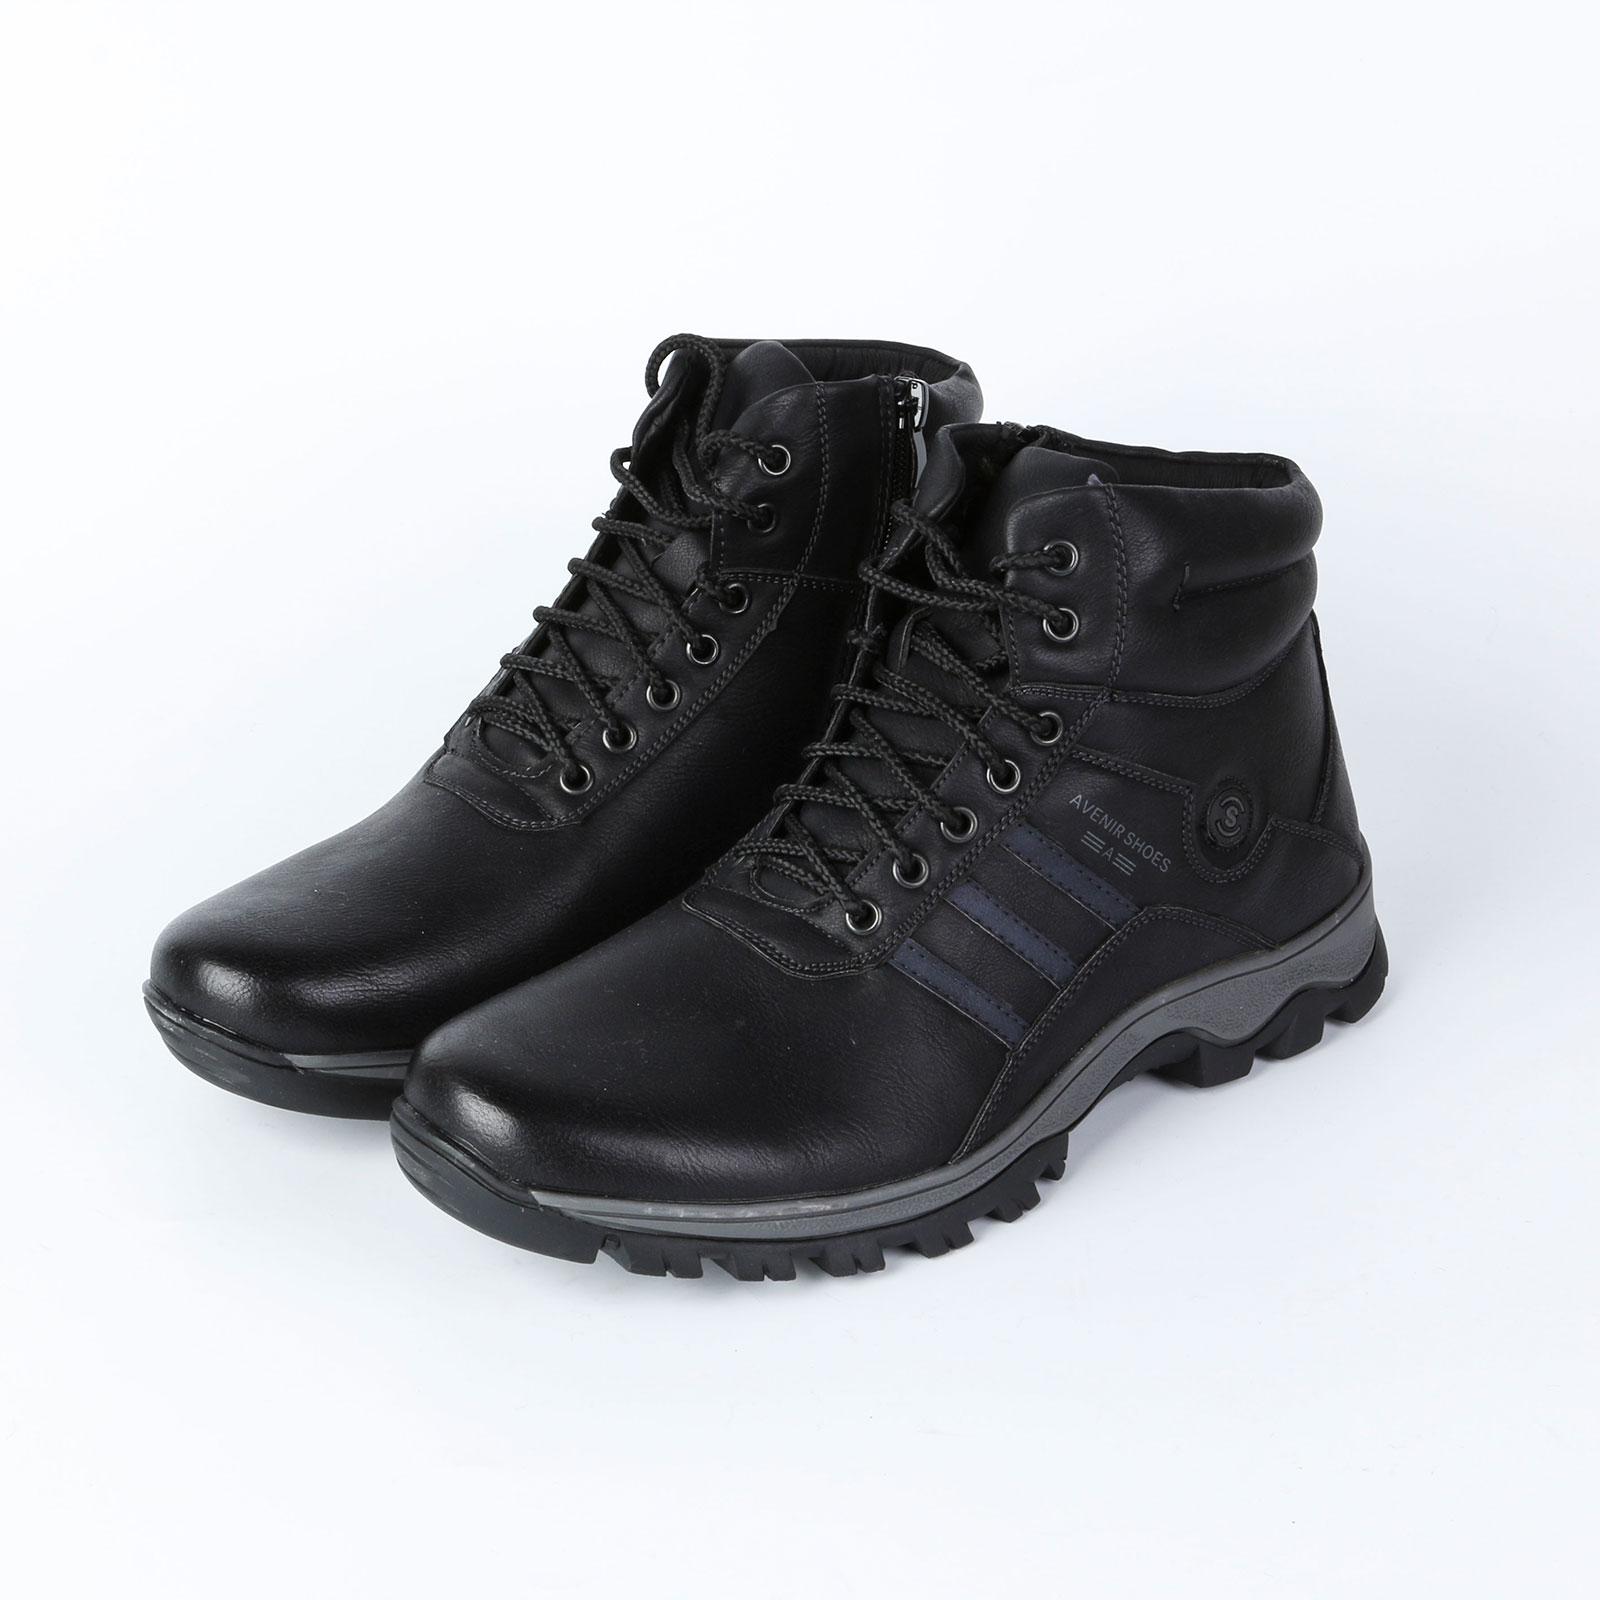 Ботинки мужские на шнурках